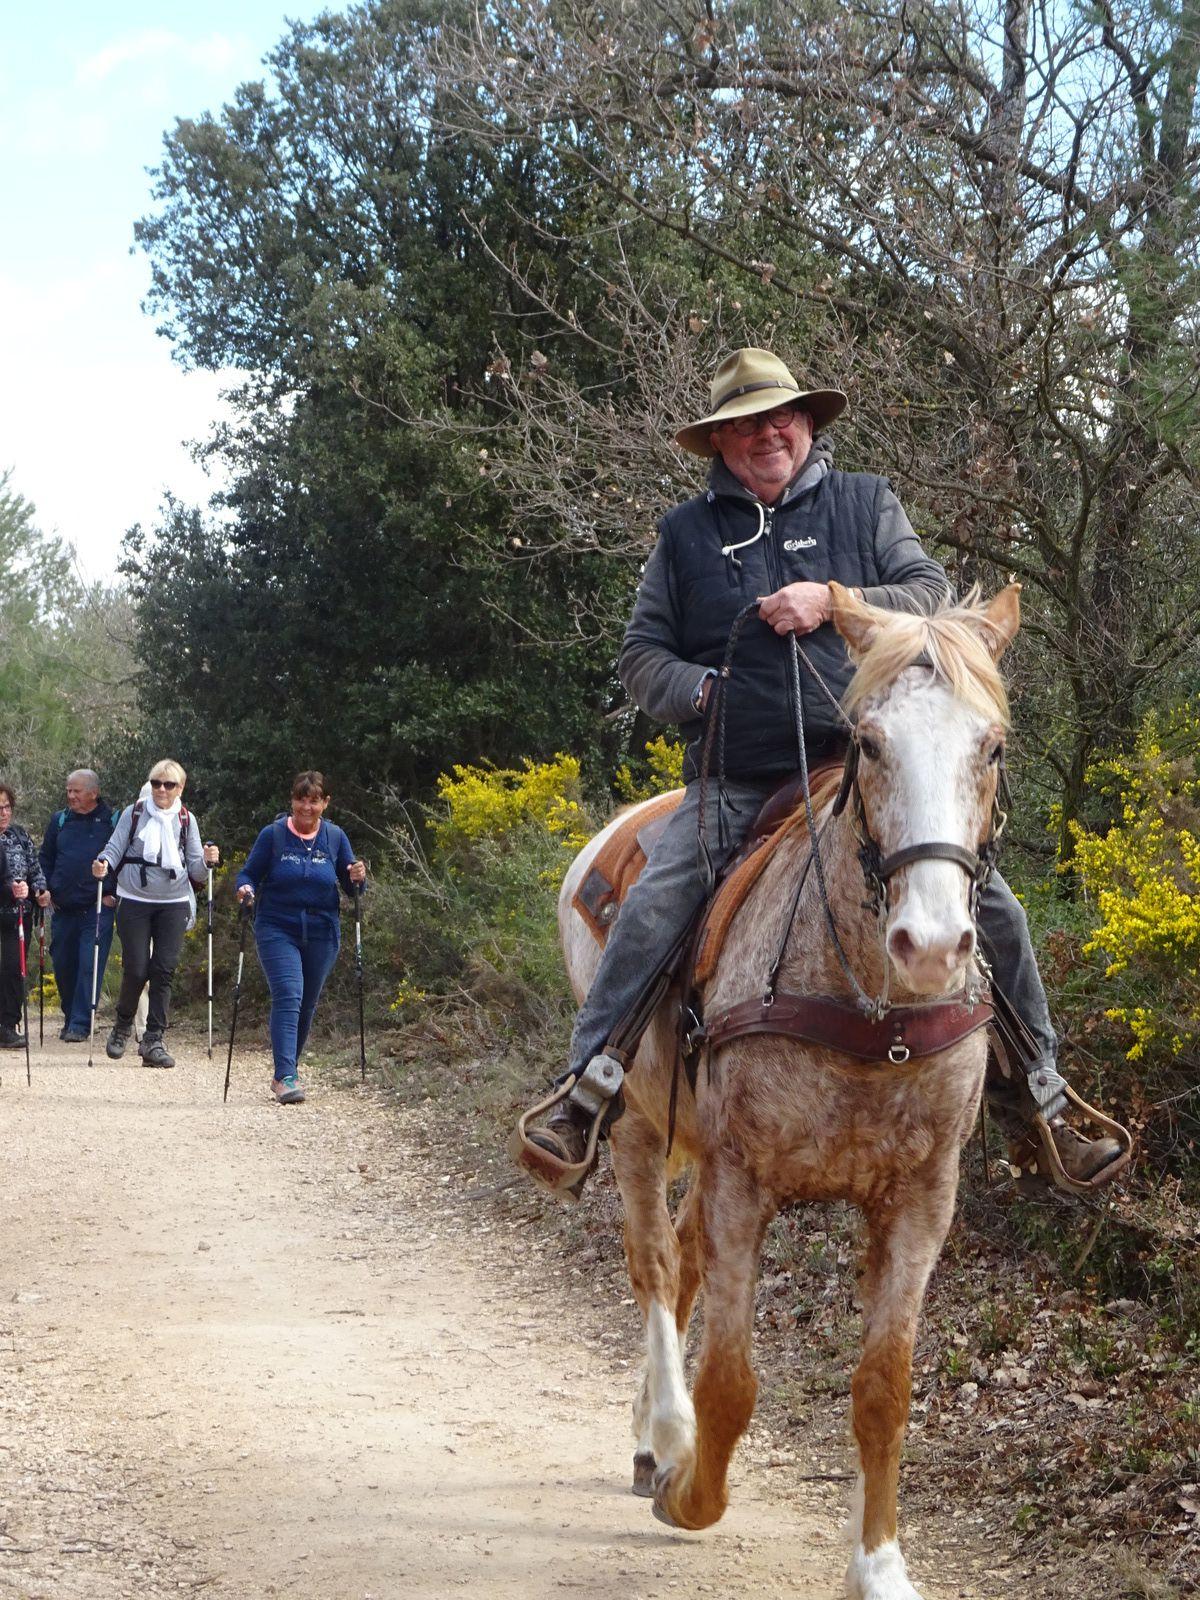 2021-03-18 Le Tour du Bois à Bouc Bel Air